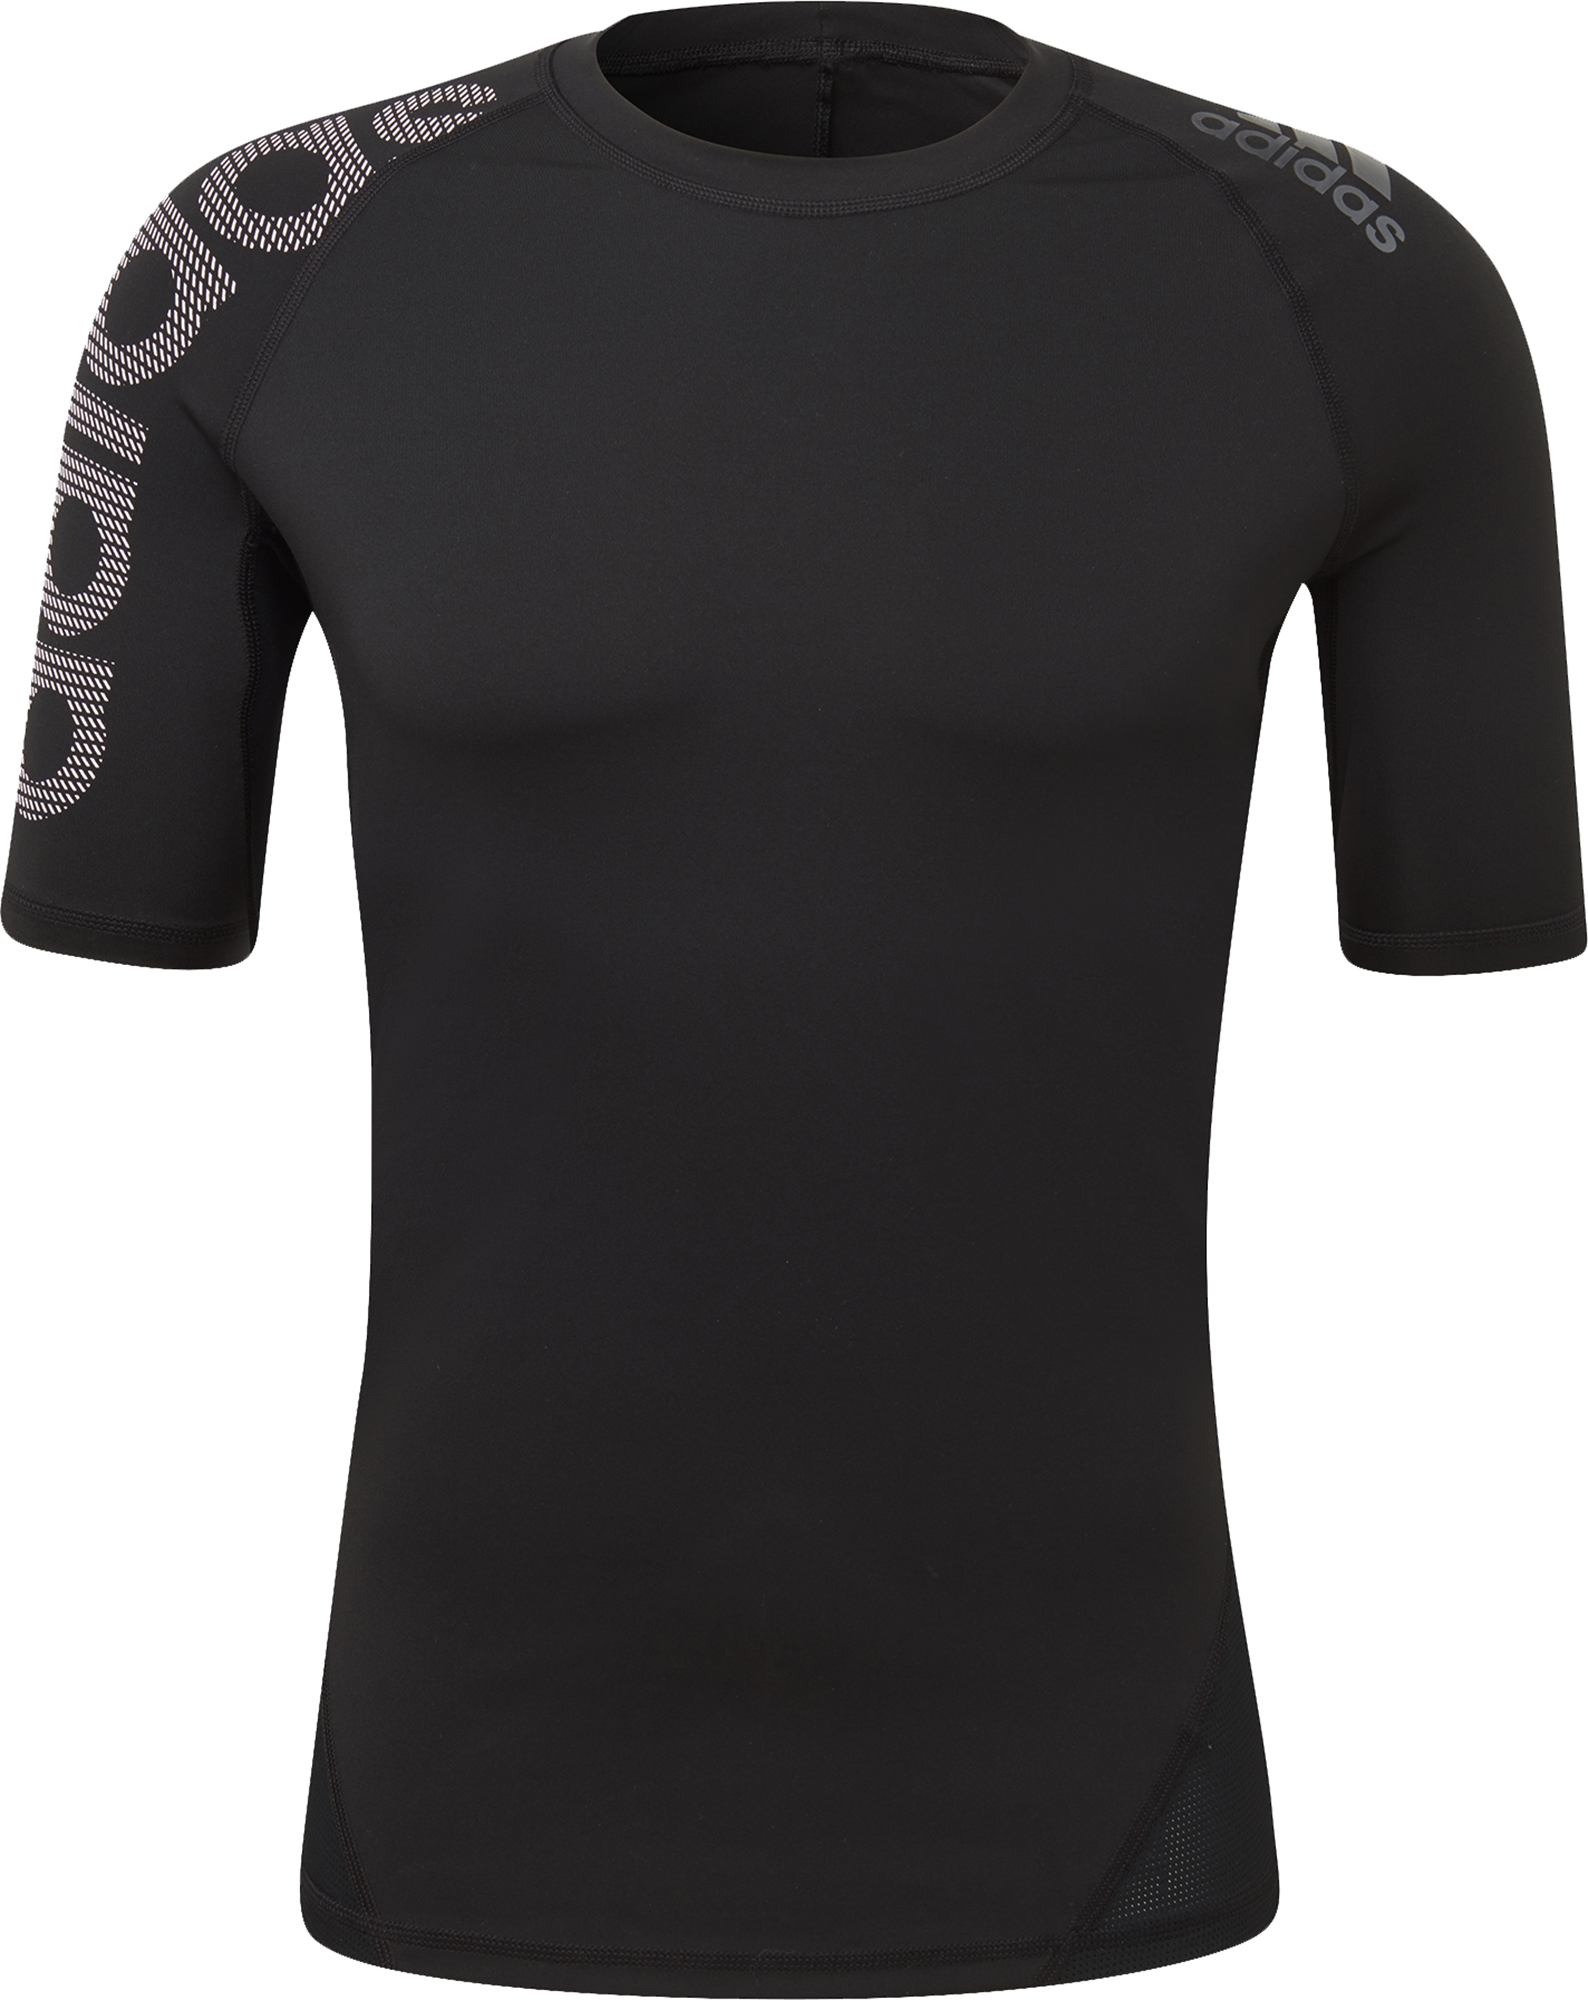 Adidas Футболка мужская Alphaskin Sport, размер 54